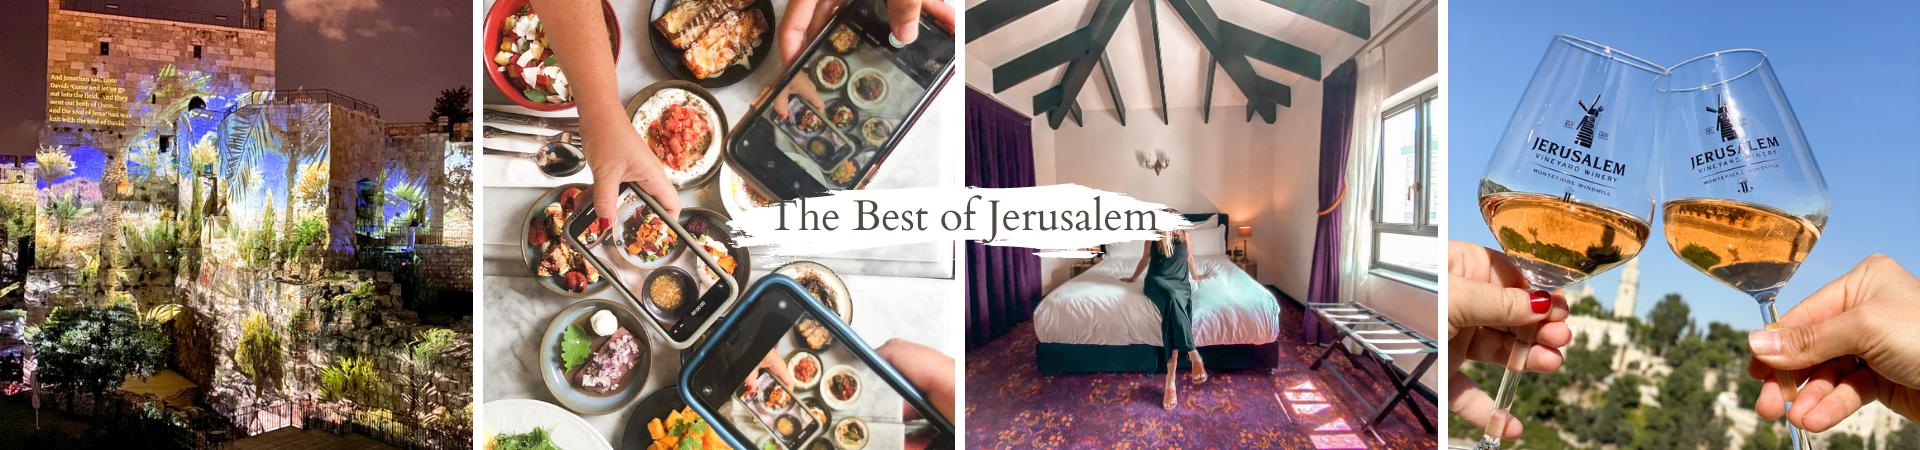 ירושלים הרומנטית מסעדות מלונות